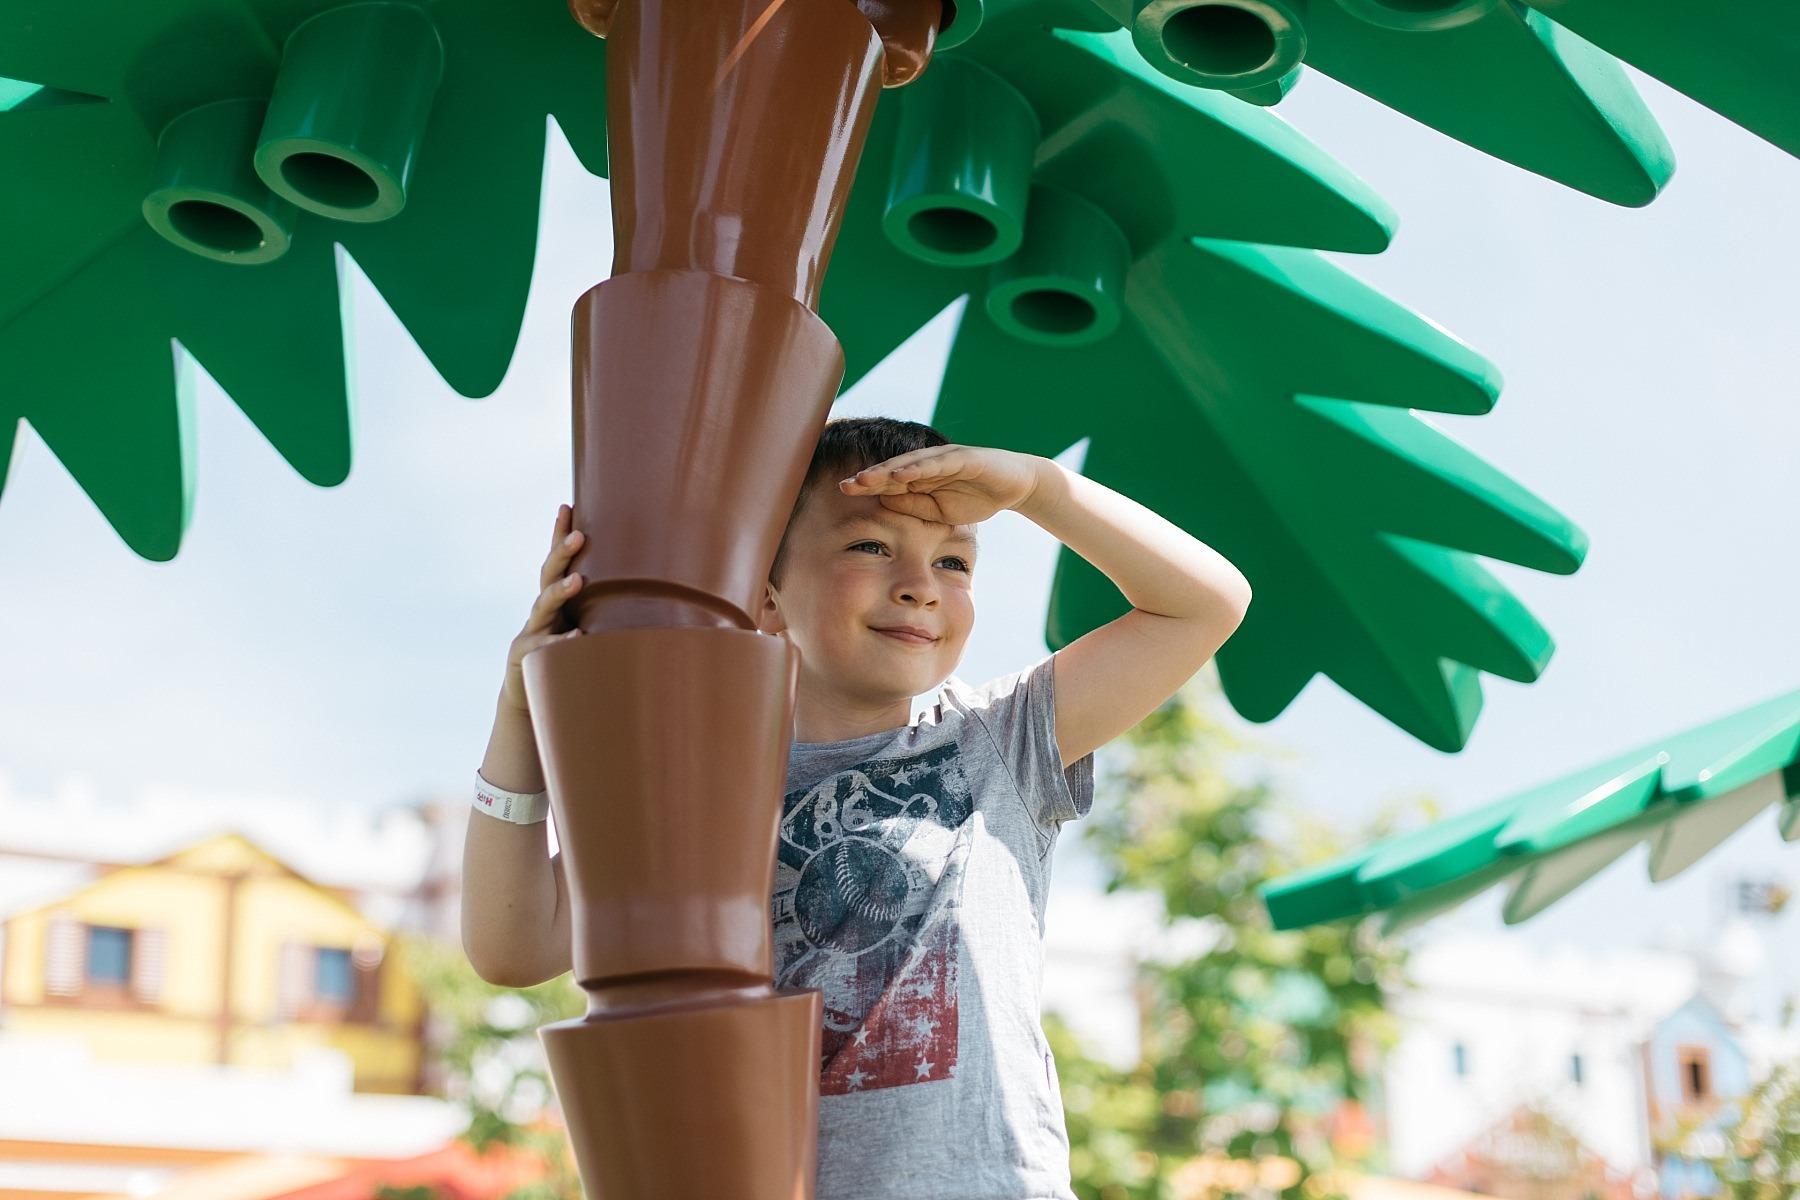 Legoland - 57 millions de briques Lego 70